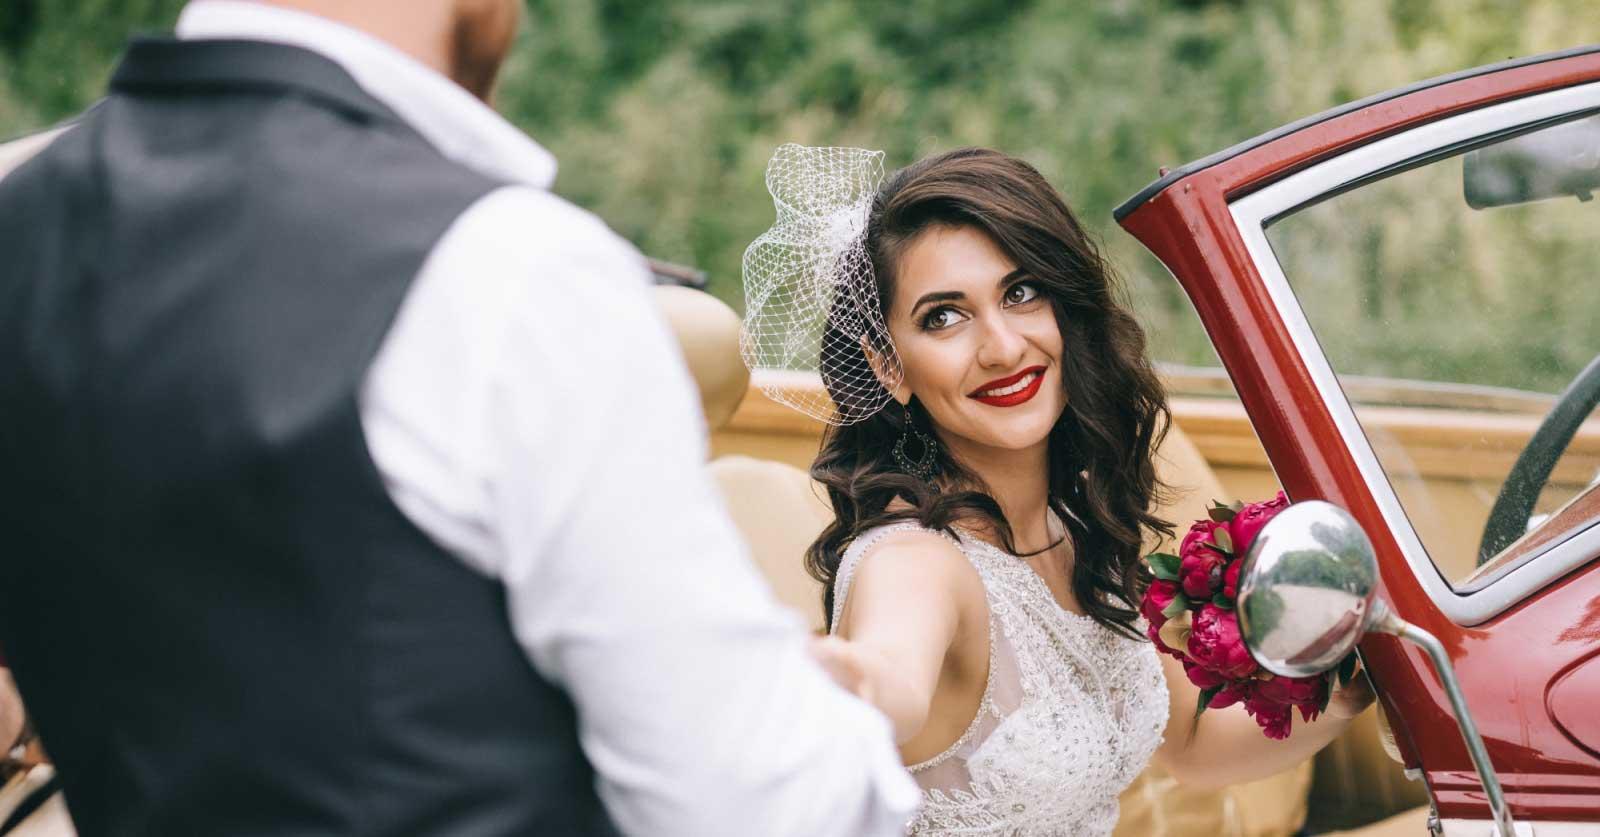 Matrimonio in stile vintage: idee e allestimenti retrò